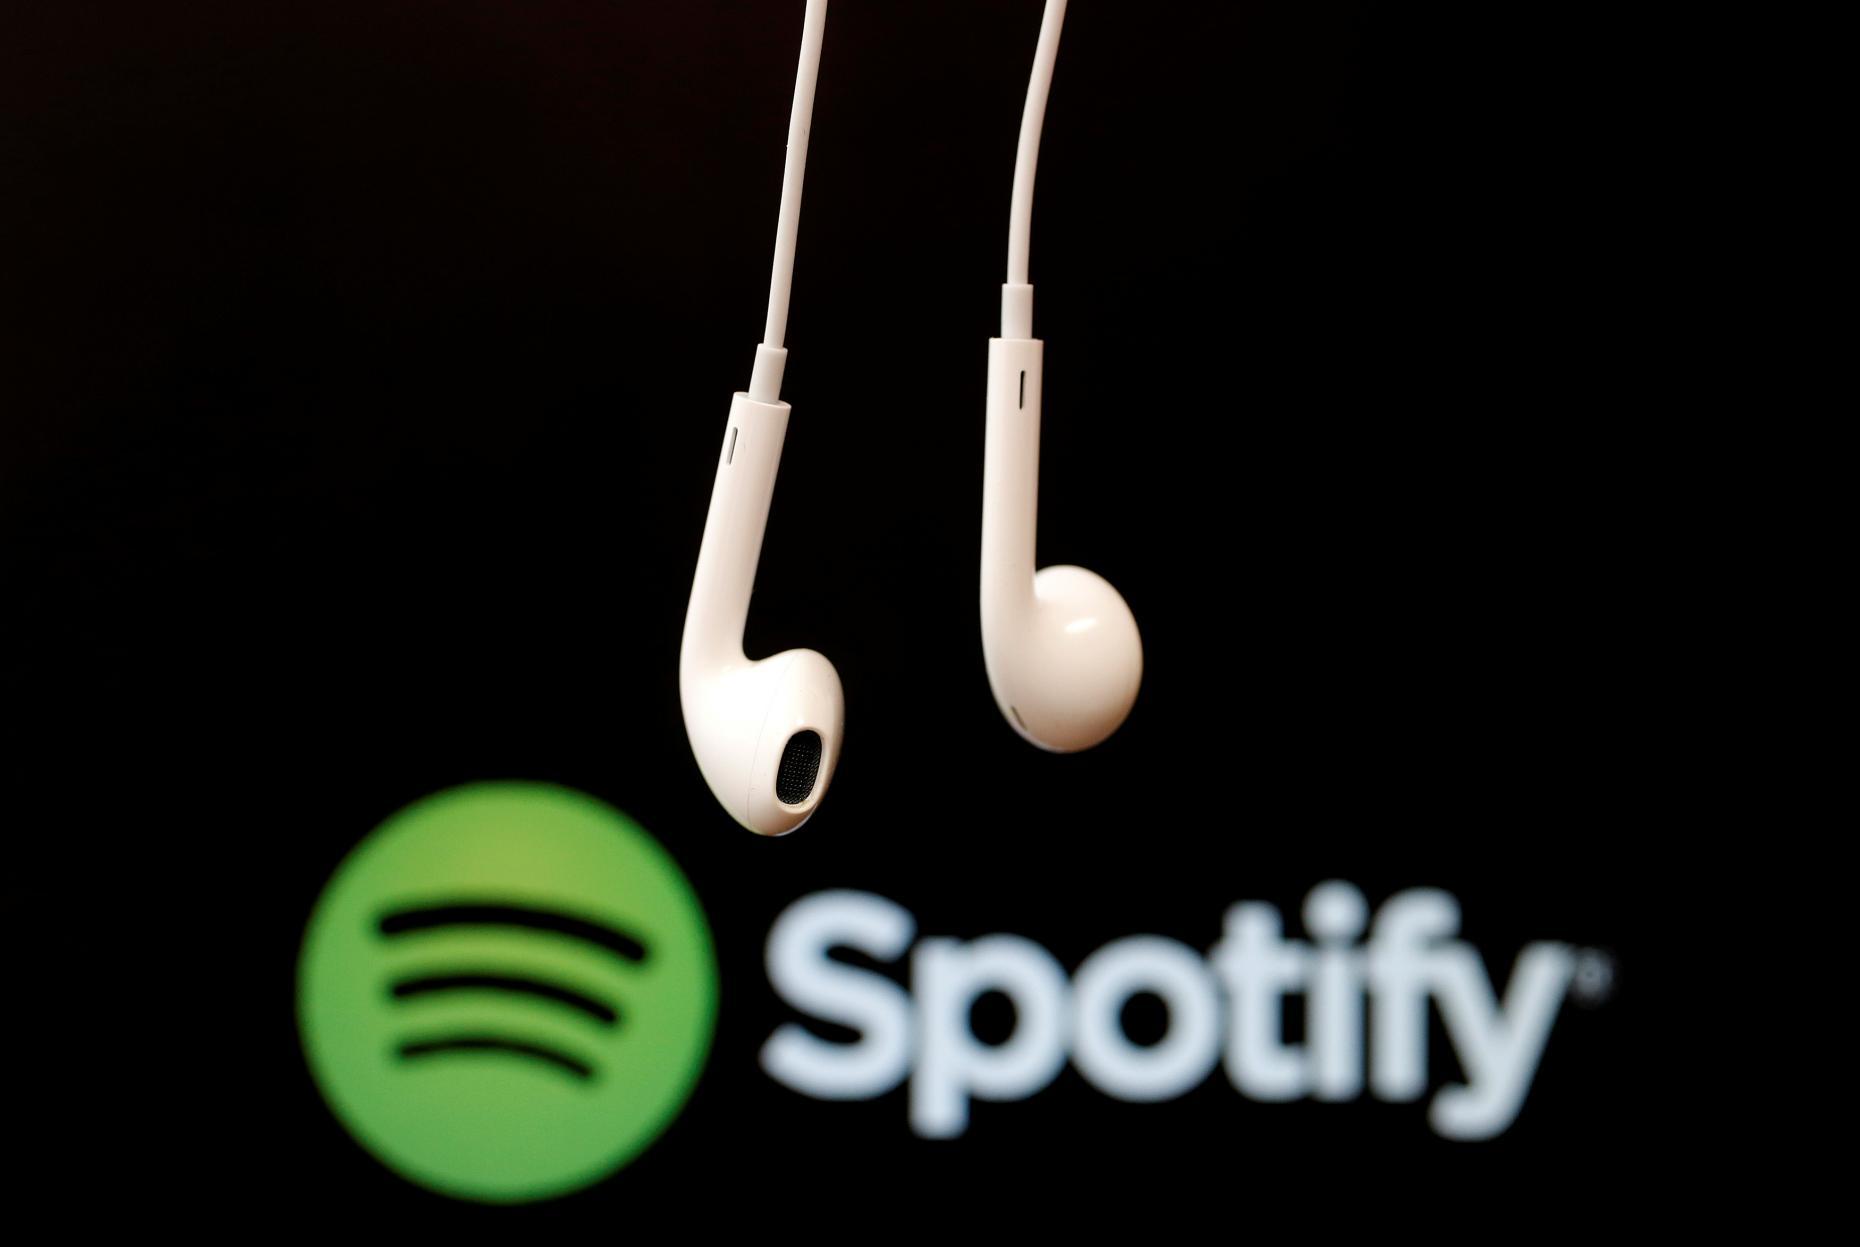 Las 5 canciones más escuchadas en 2020, según Spotify